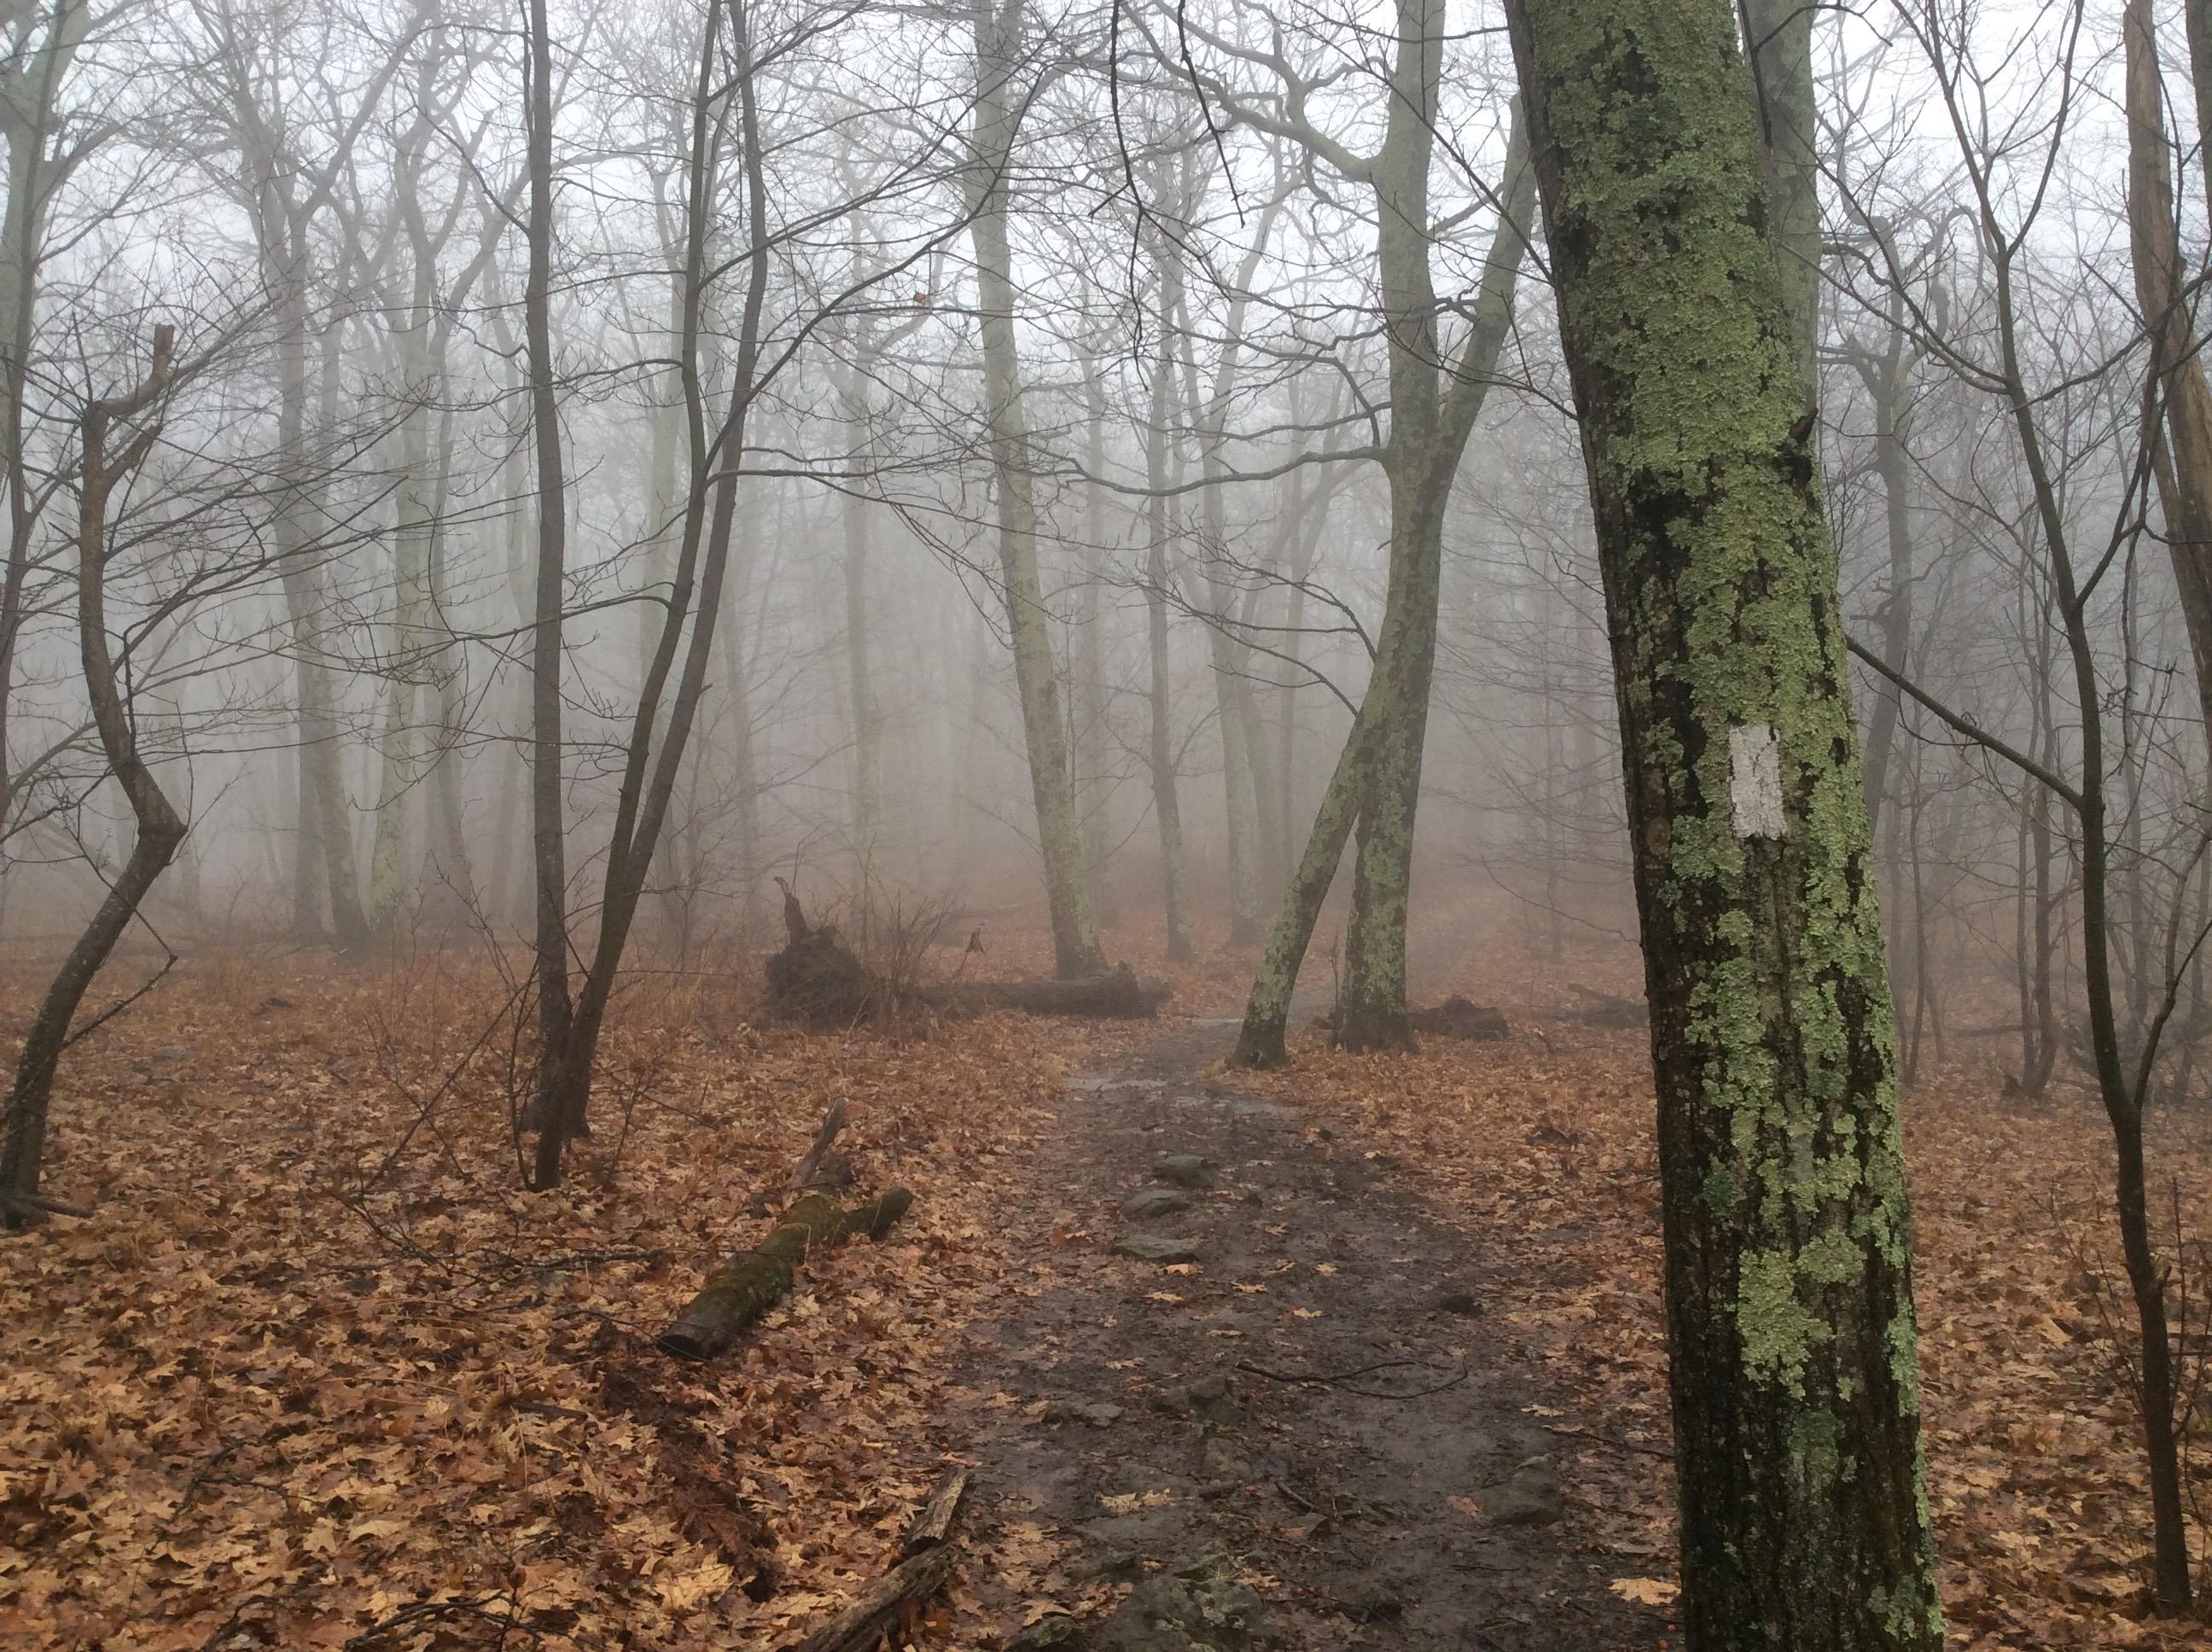 Photo of Appalachian Trail in the fog. ©2018 www.JeffRyanAuthor.com